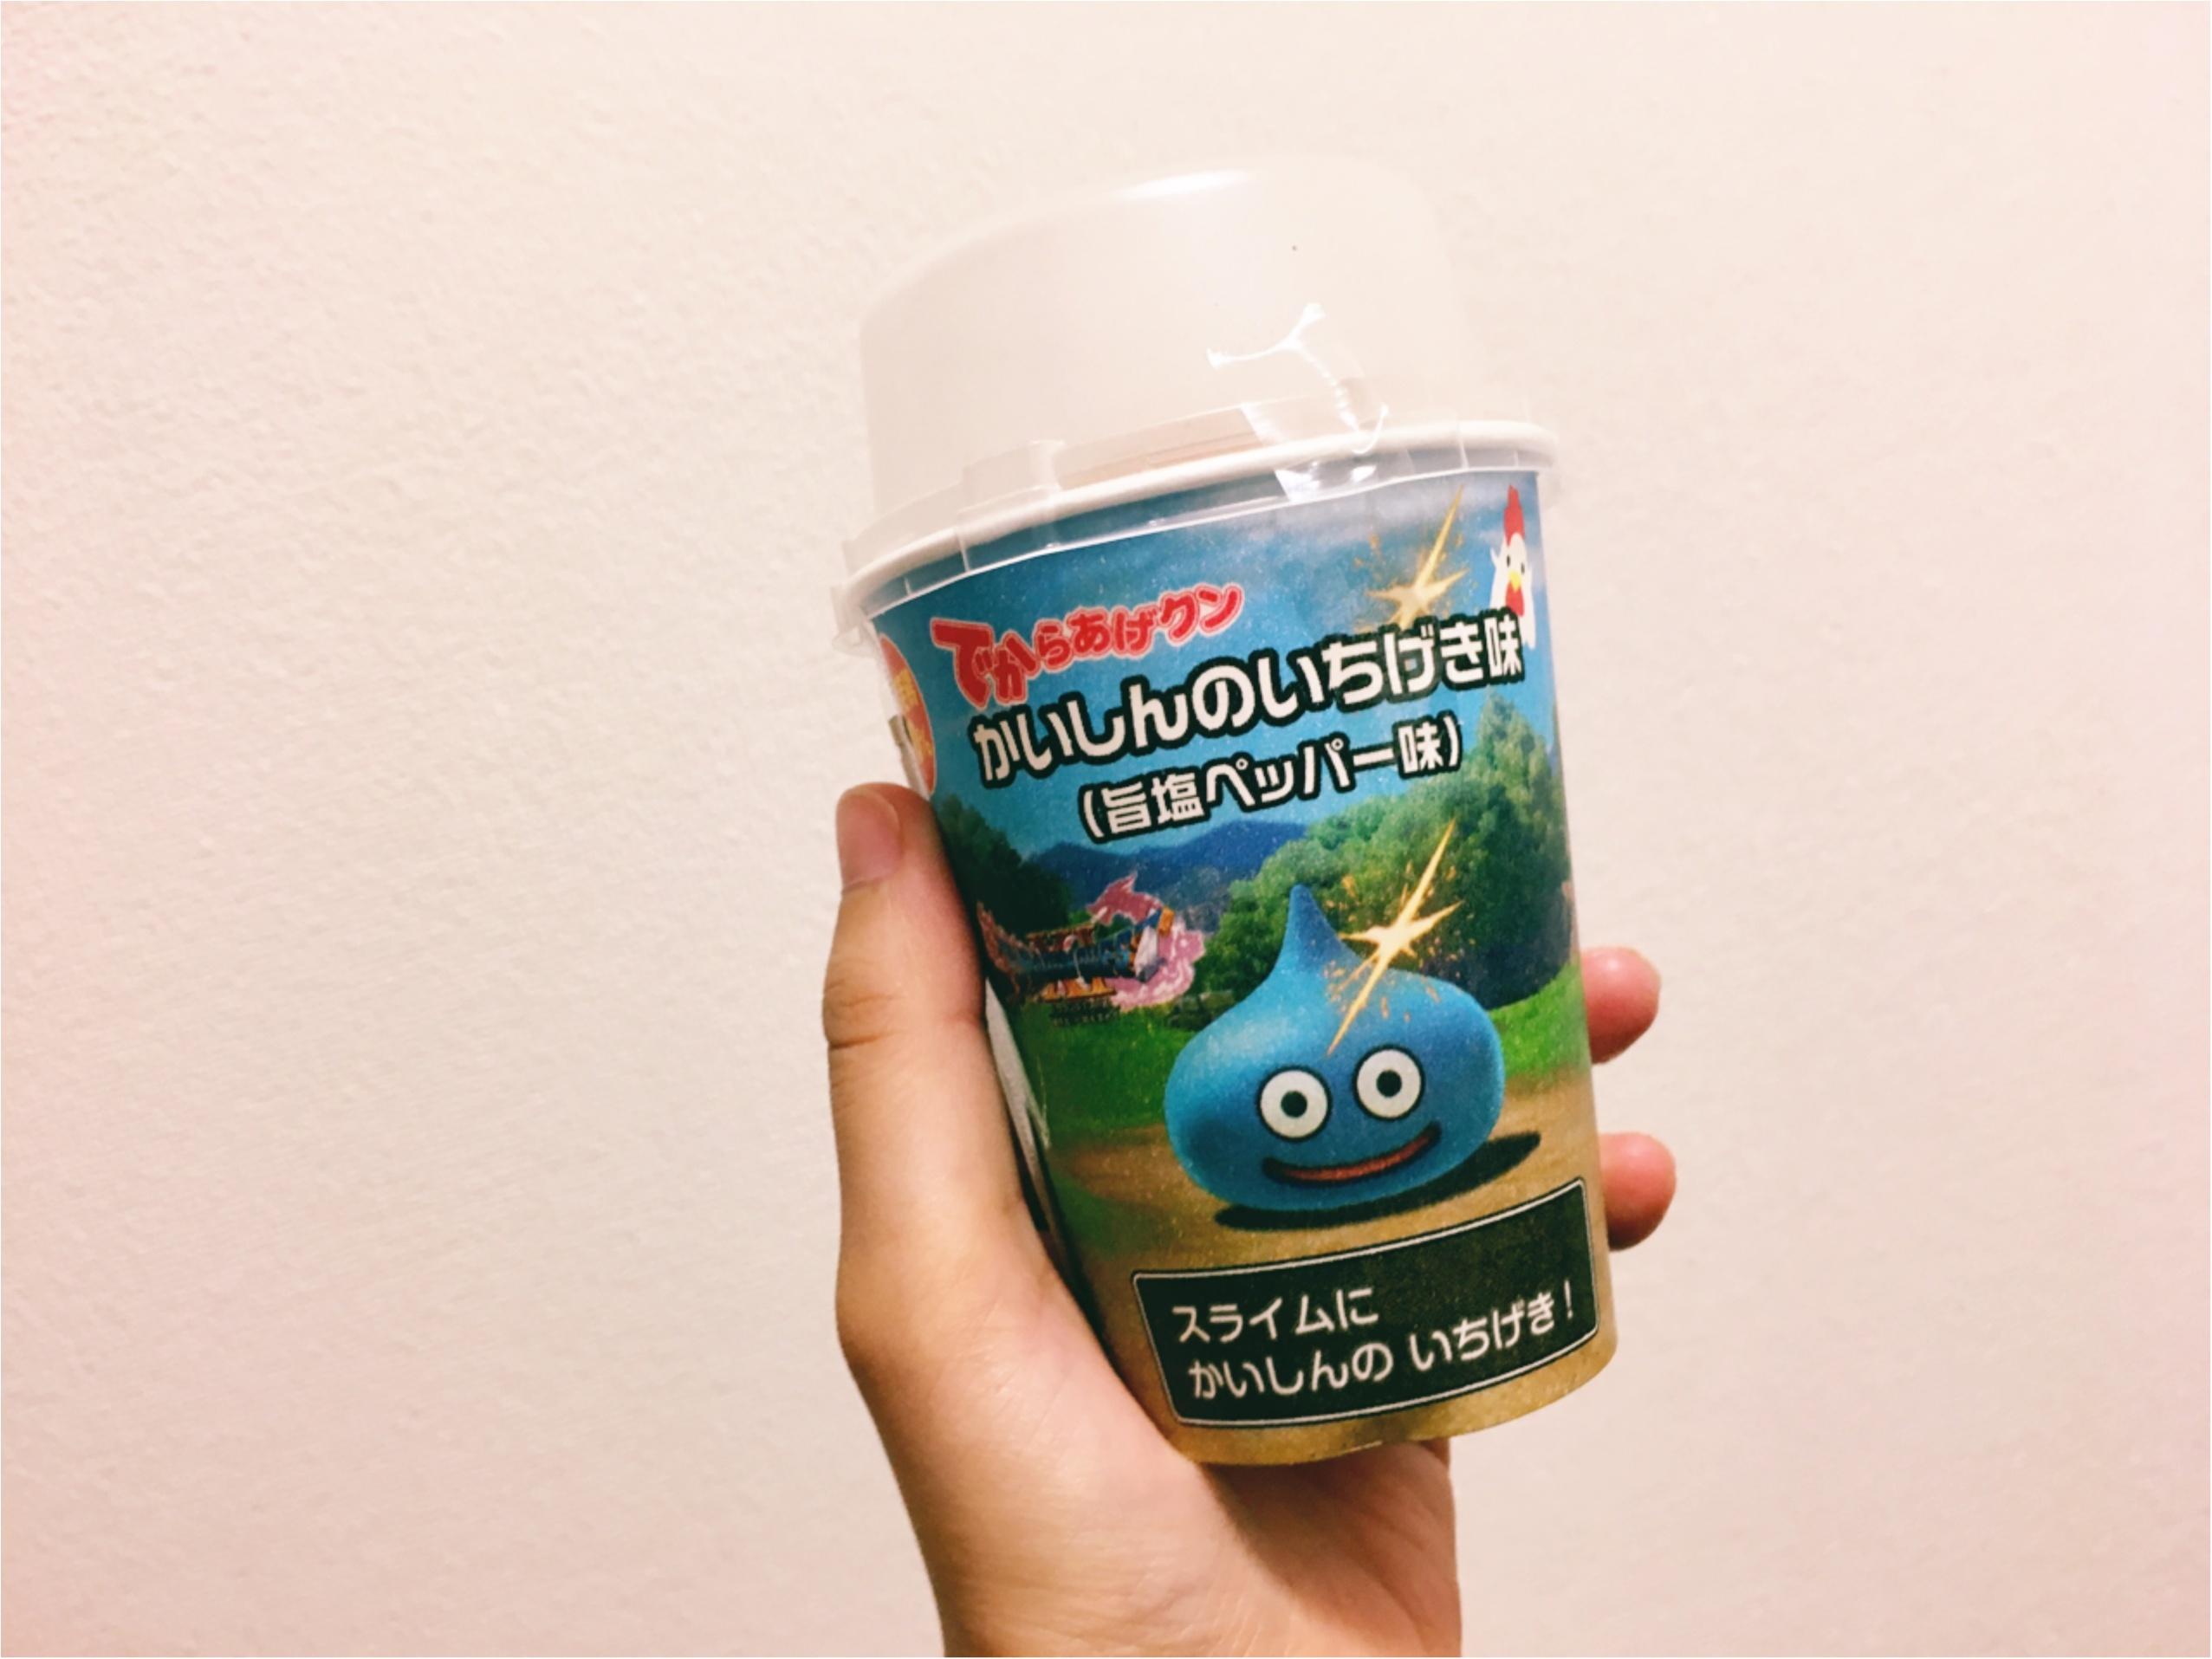 ローソン★からあげクン新作はドラクエコラボ「かいしんのいちげき」!!_1